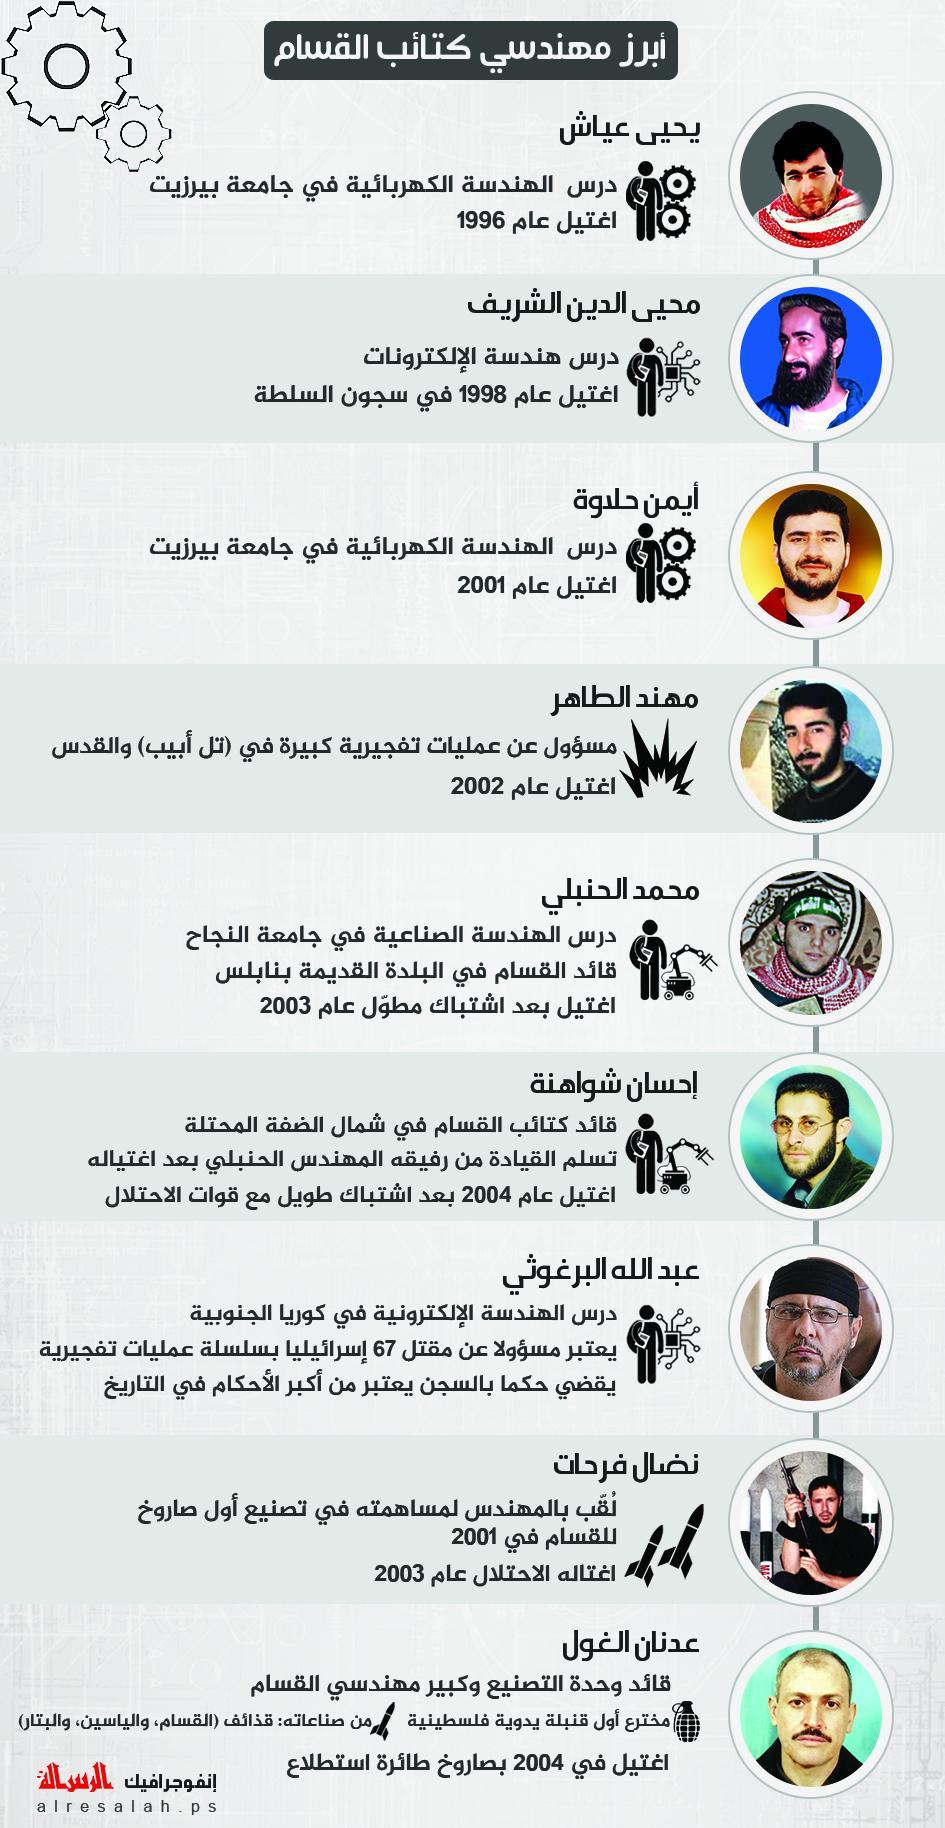 درع النجاح فيديو mp4 التحميل درع النجاح رجال التحميل صوت